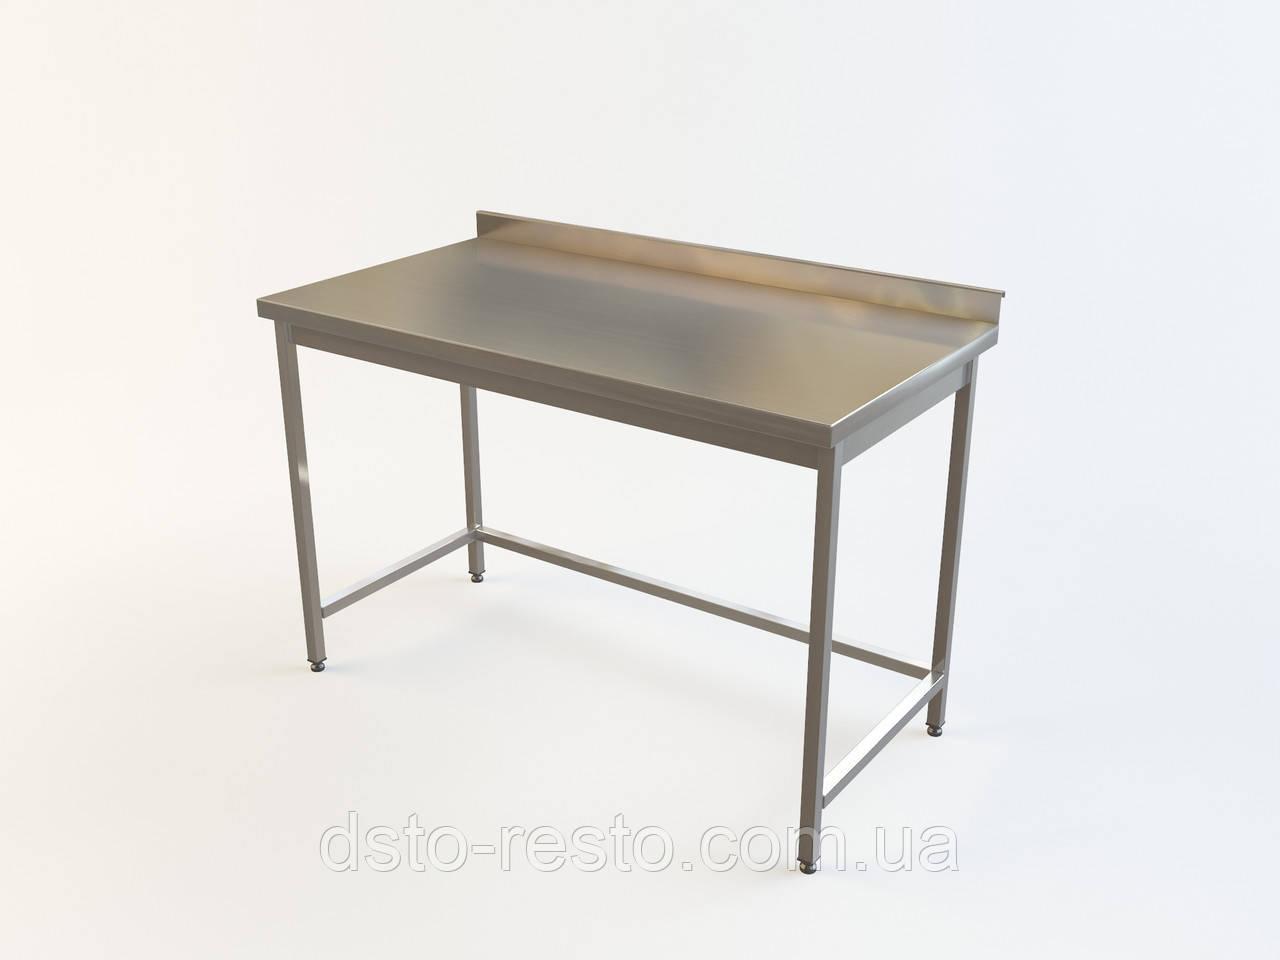 Стіл для кафе без нижньої полиці 700/700/850 мм